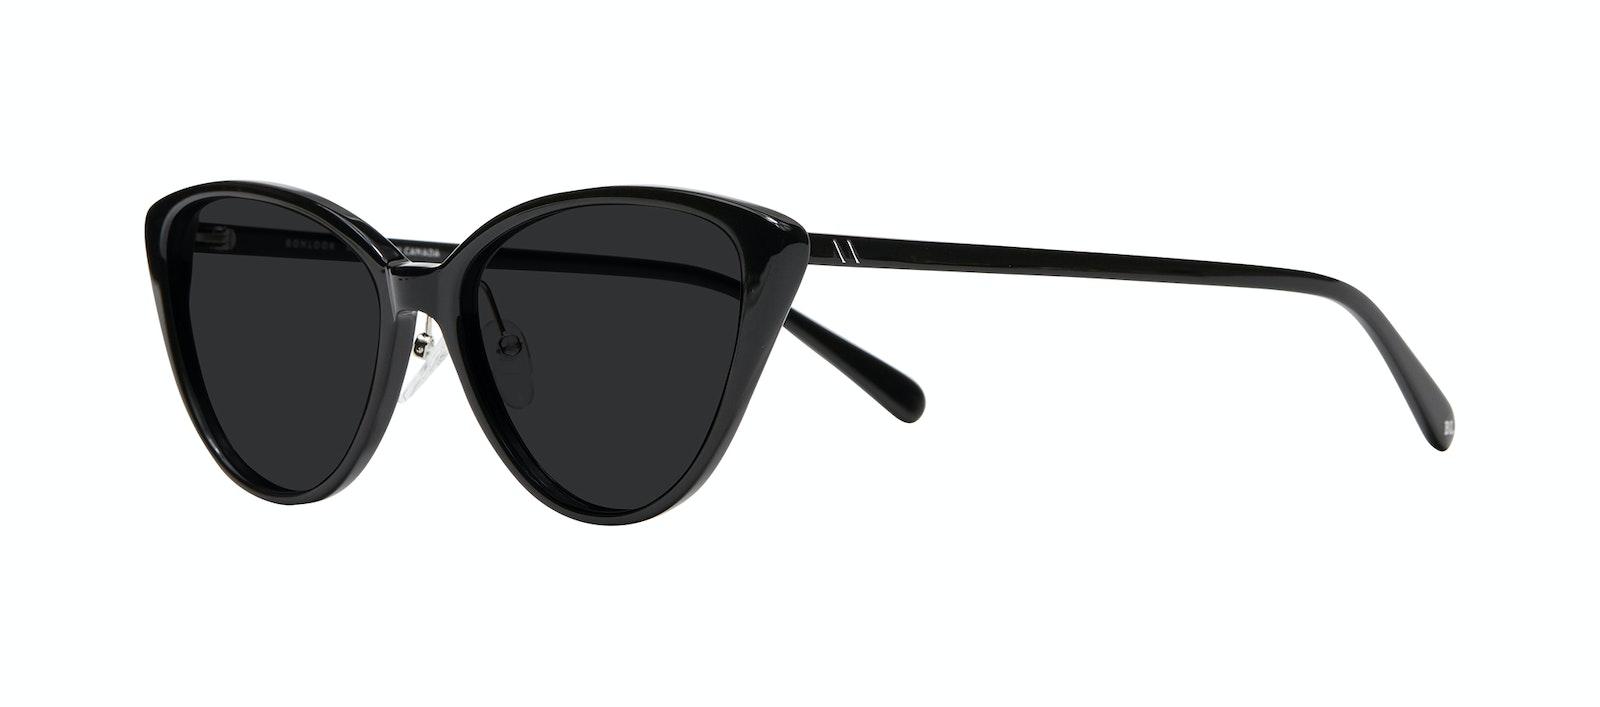 Affordable Fashion Glasses Cat Eye Sunglasses Women Sunset Onyx Tilt